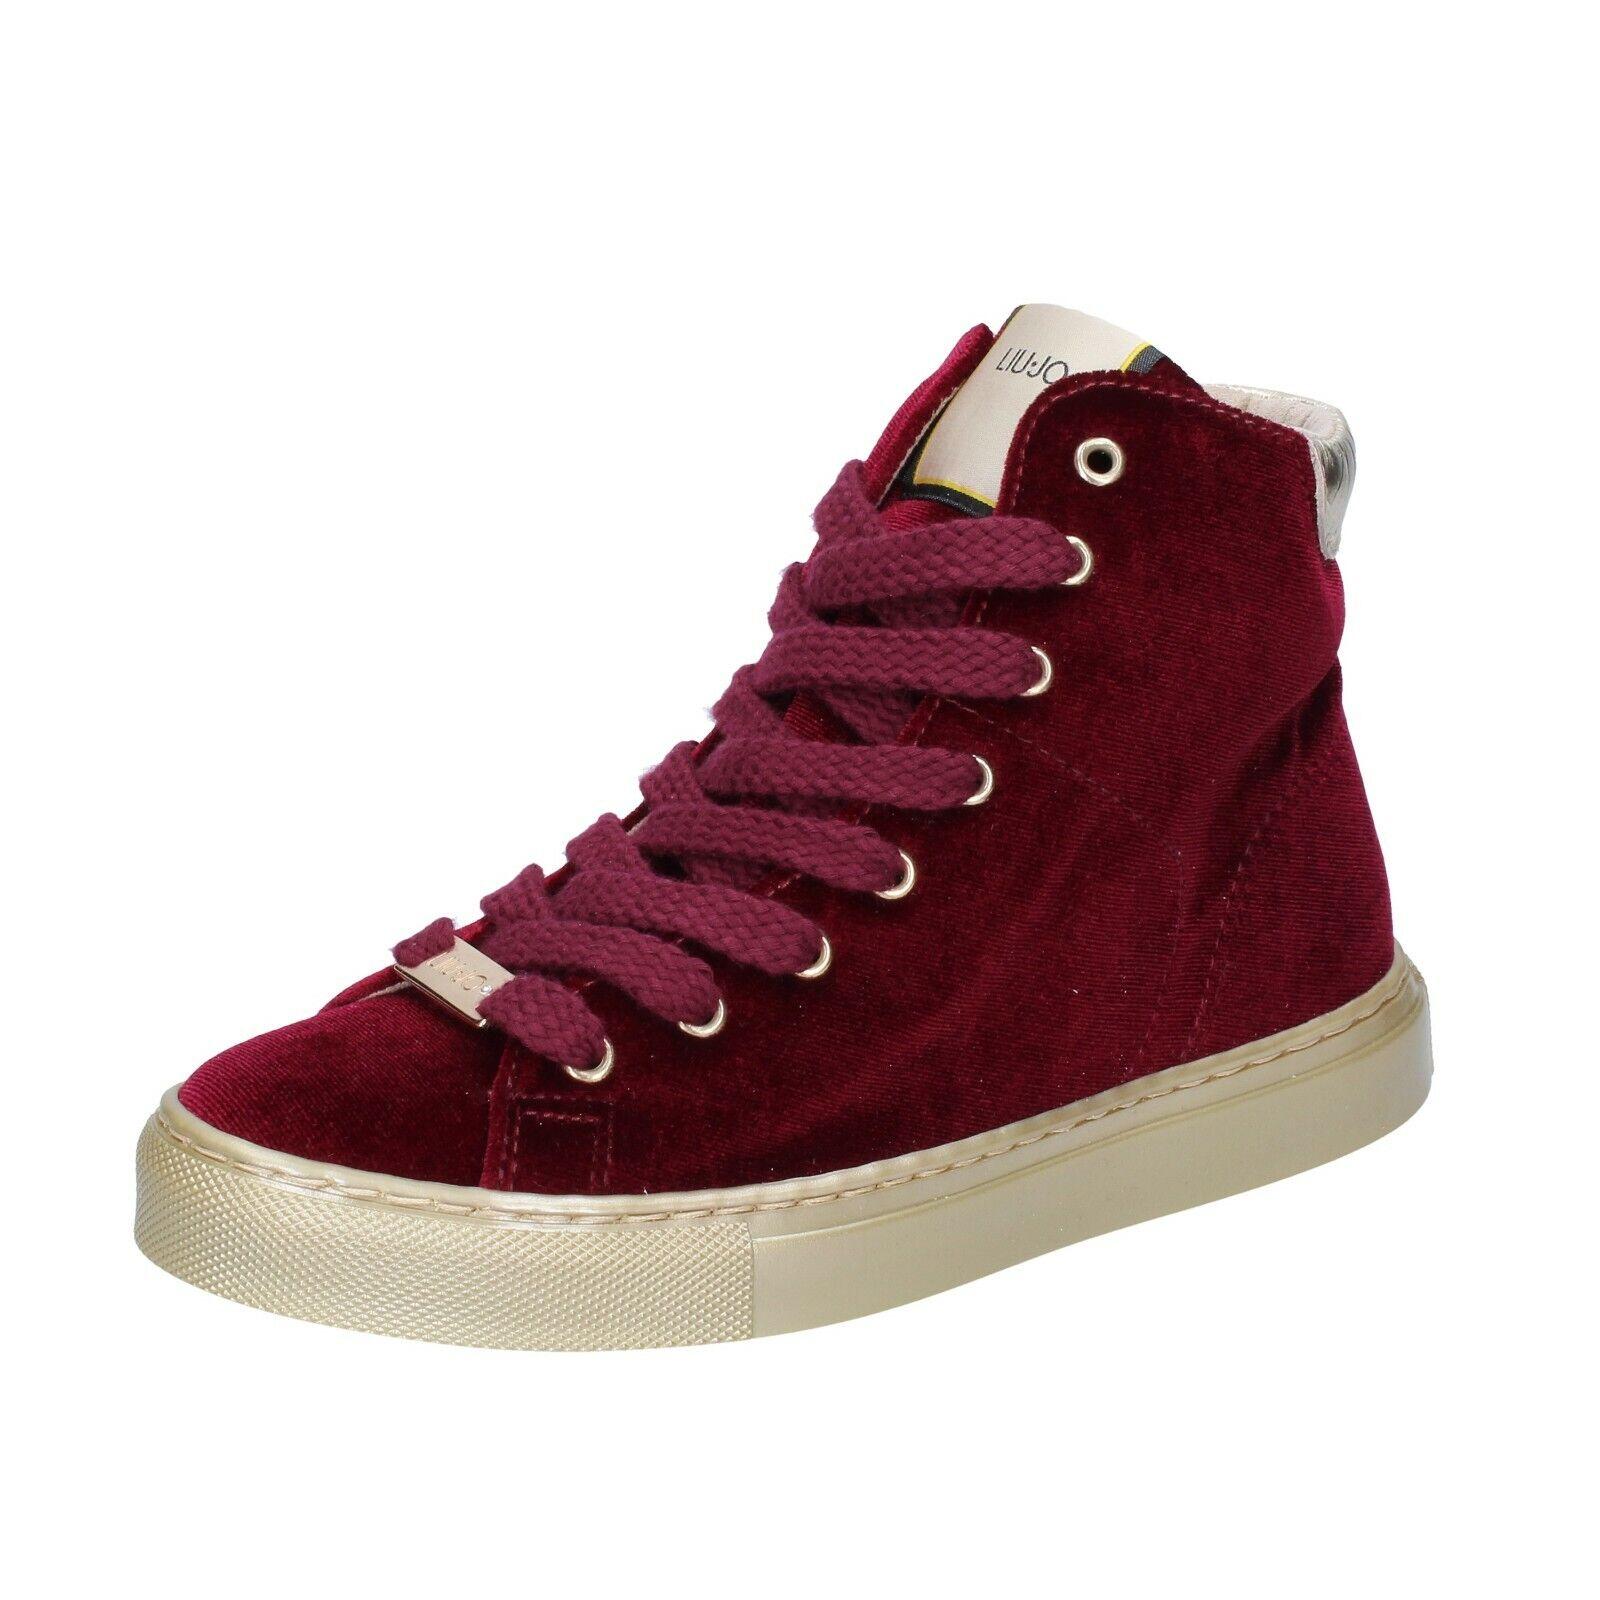 Zapatos señora liu jo 37 UE zapatillas Borgoña terciopelo bs658-37